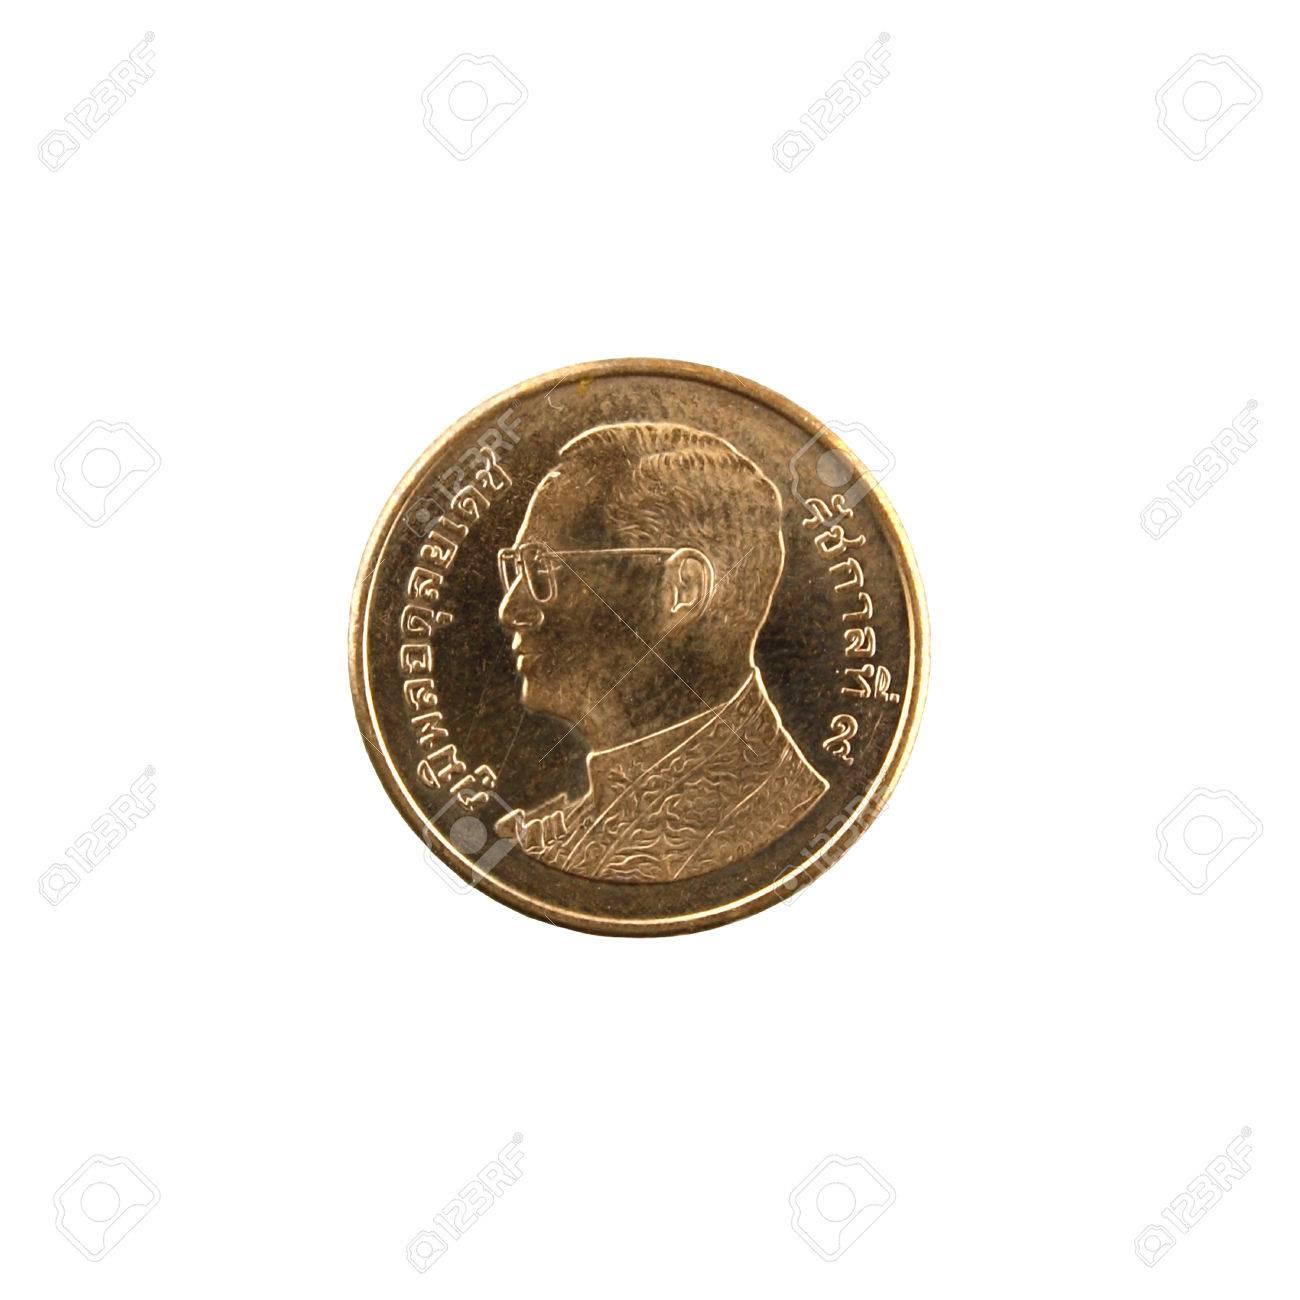 Coins Thai Baht on white background Stock Photo - 23783954